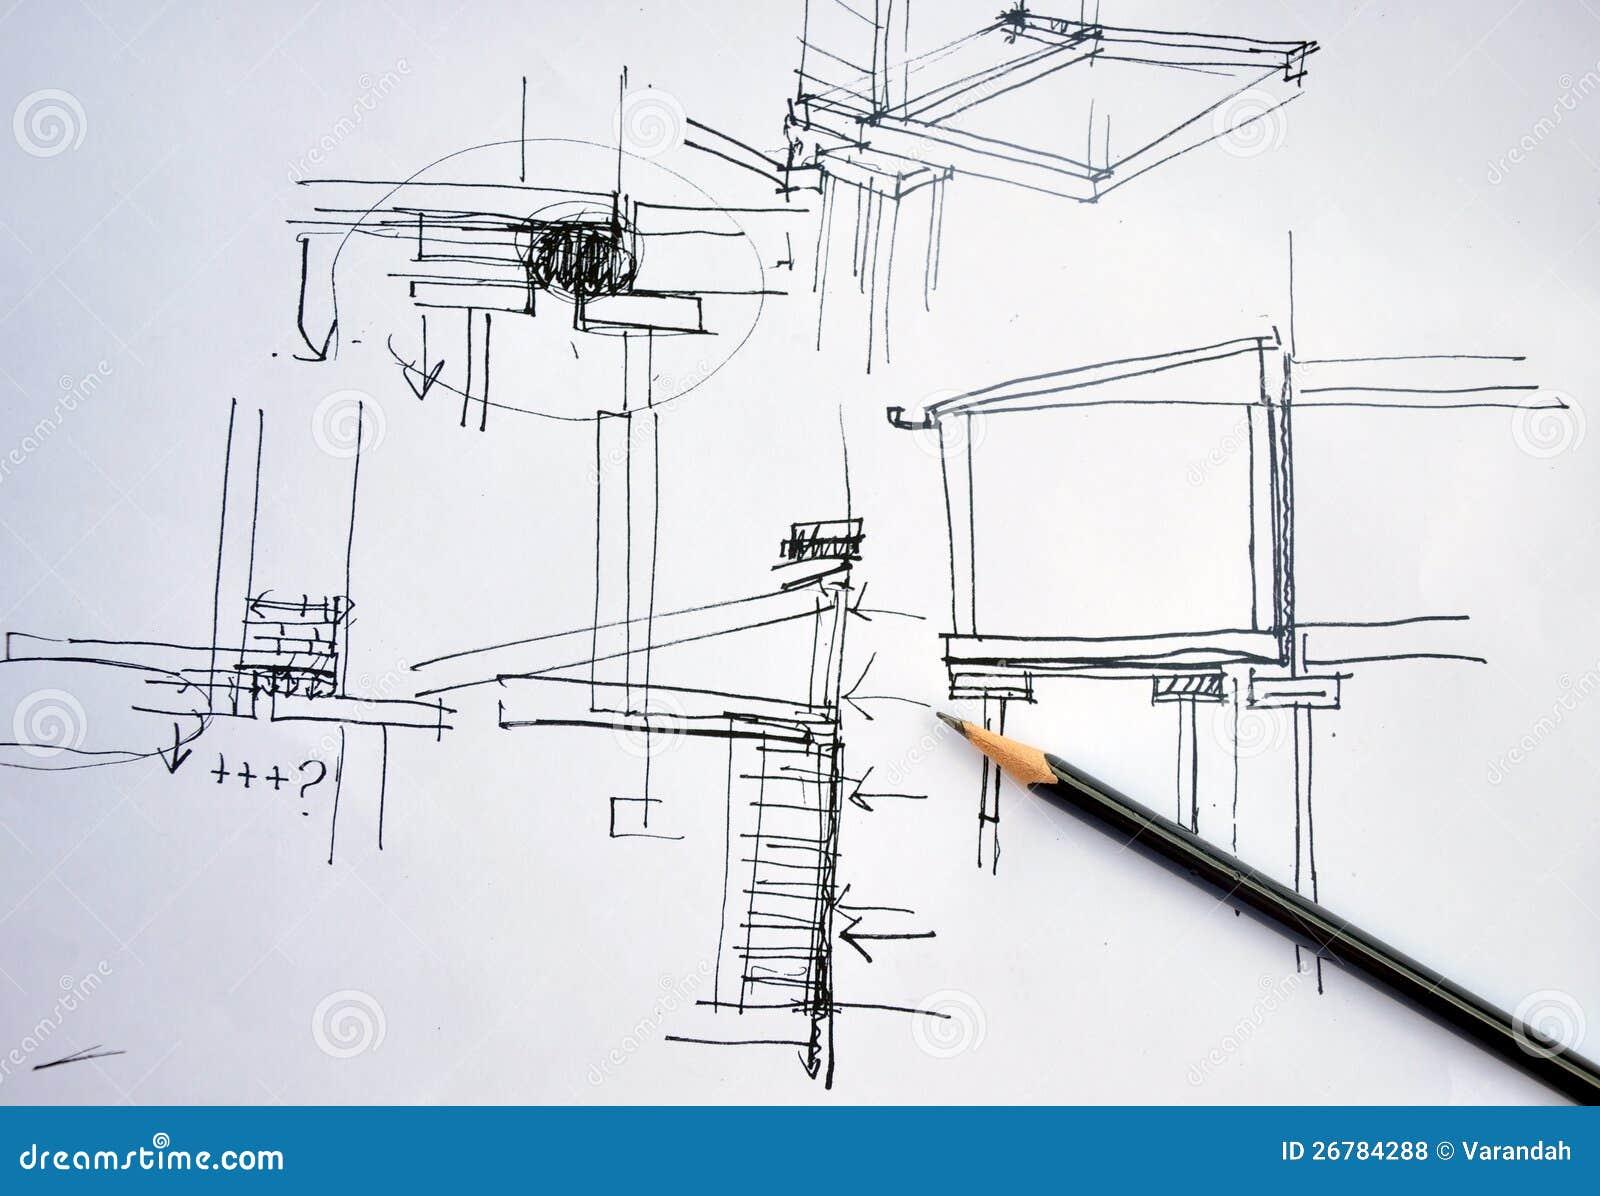 Programma di architettura dell 39 illustrazione della mano for Programma architettura gratis